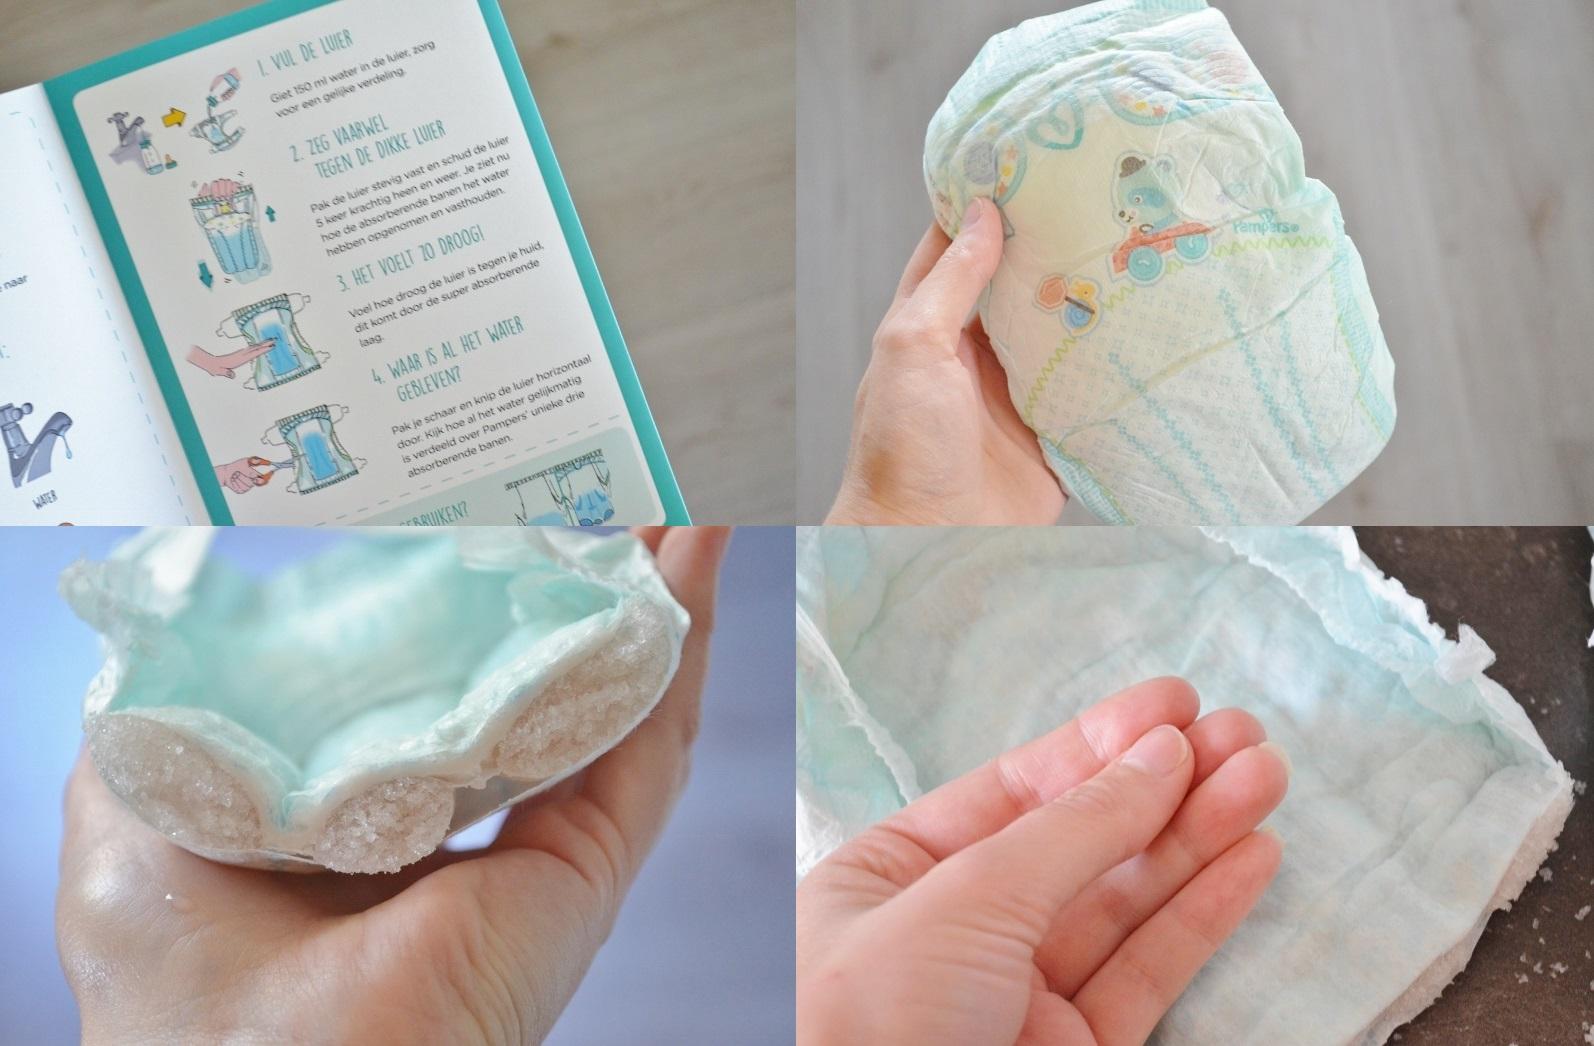 Pampers Baby Dry Elisejoanne.nl  - Je Baby en Doorslapen - Tips & Mijn Ervaring